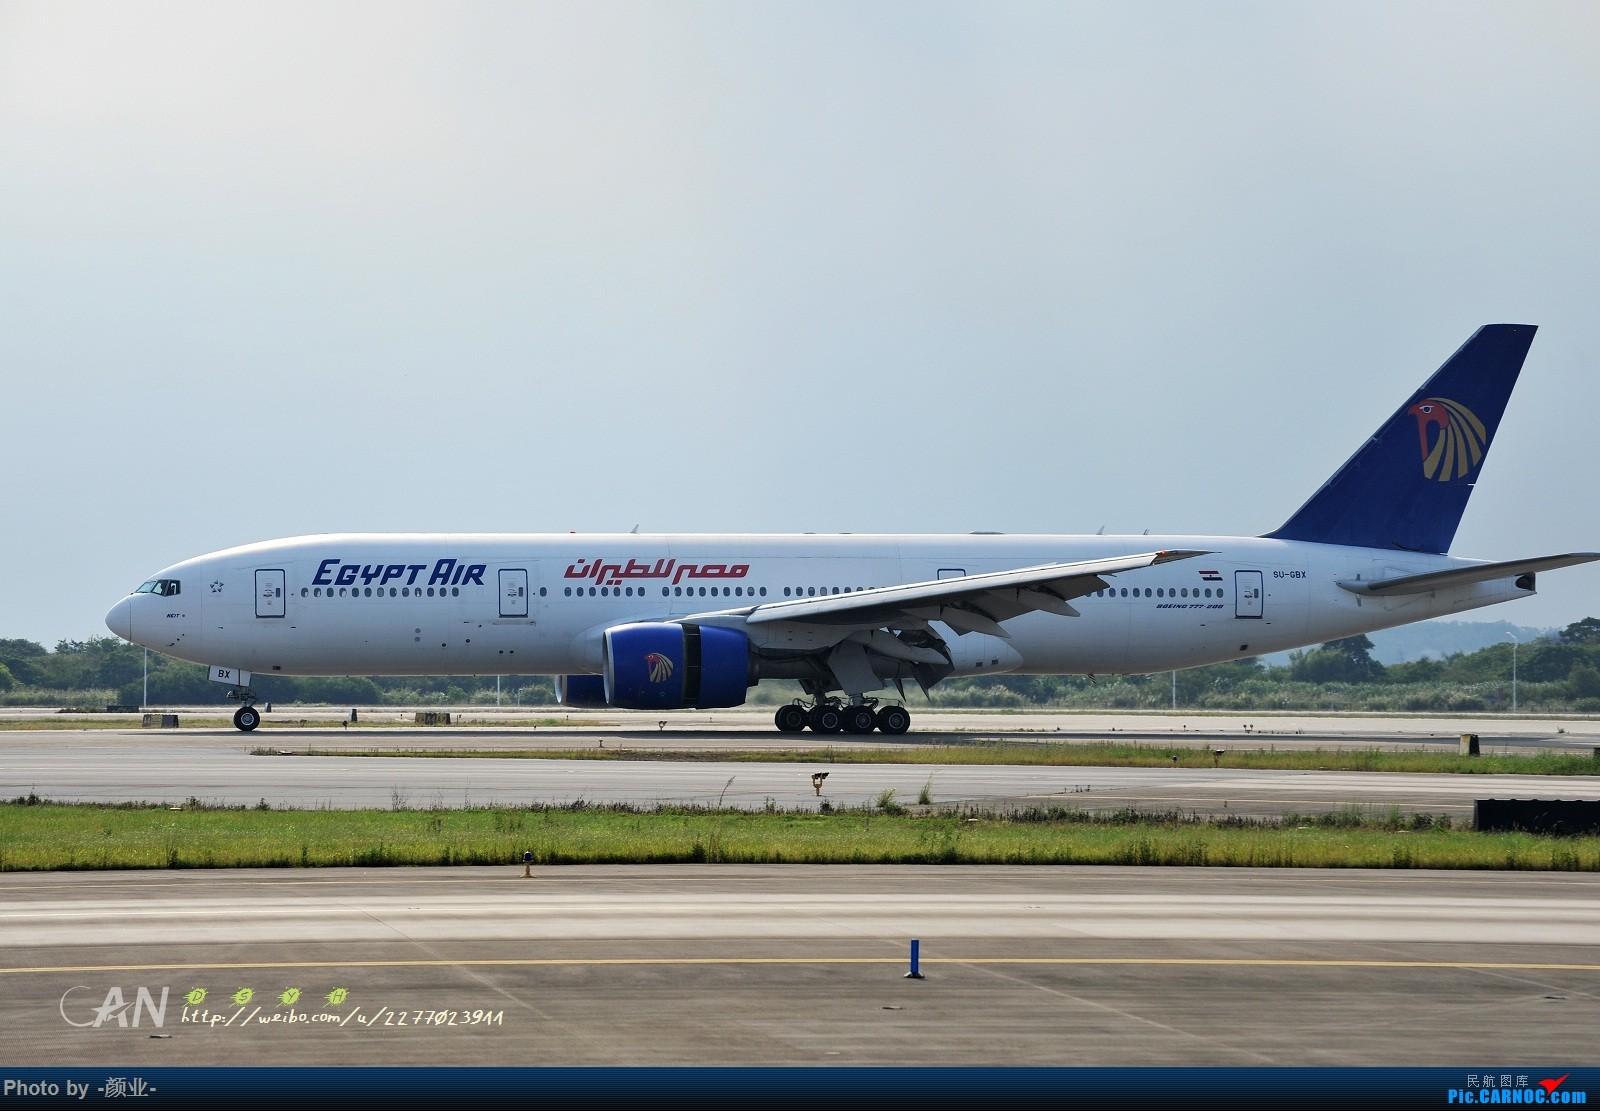 Re:[原创]ZGGG(广州CAN)的波音777系列-继续更新 BOEING 777-200 SU-GBX 中国广州白云国际机场